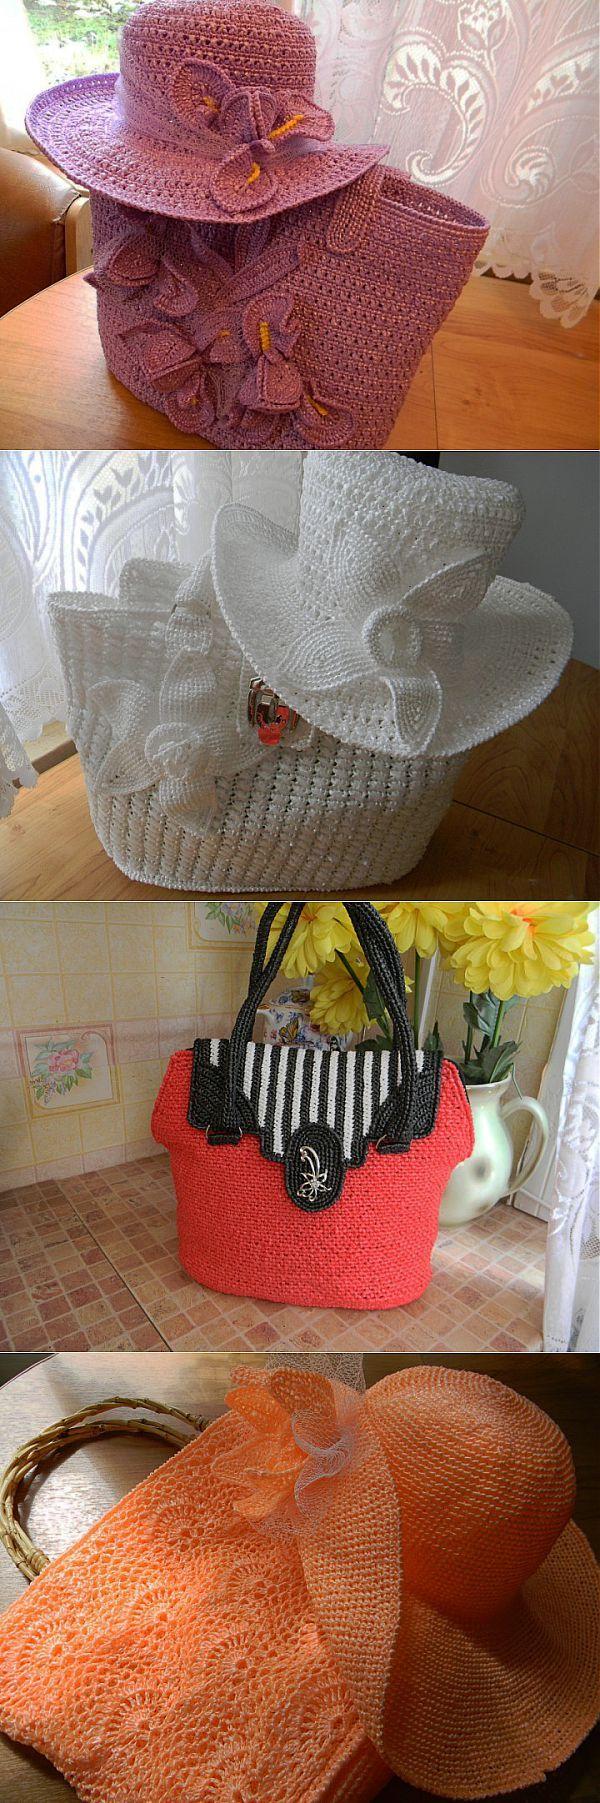 Сумочки из пакетов для мусора + мк | Варварушка-Рукодельница есть опис | вязание | Постила